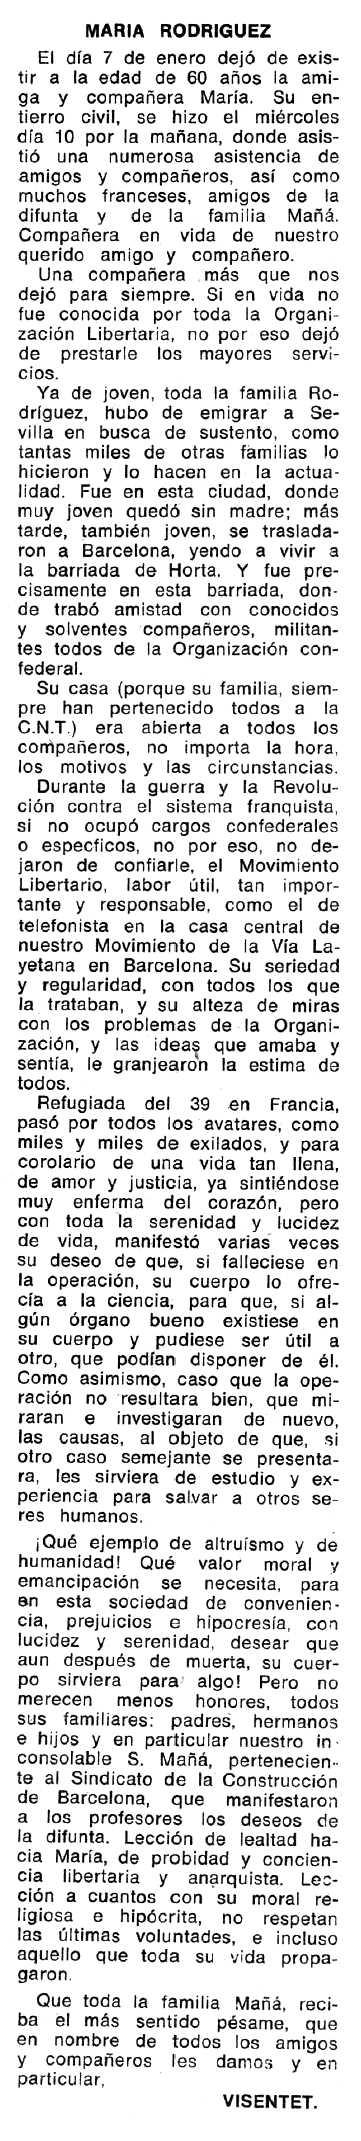 """Necrològica de María Rodríguez apareguda en el periòdic tolosà """"Espoir"""" de l'1 d'abril de 1973"""